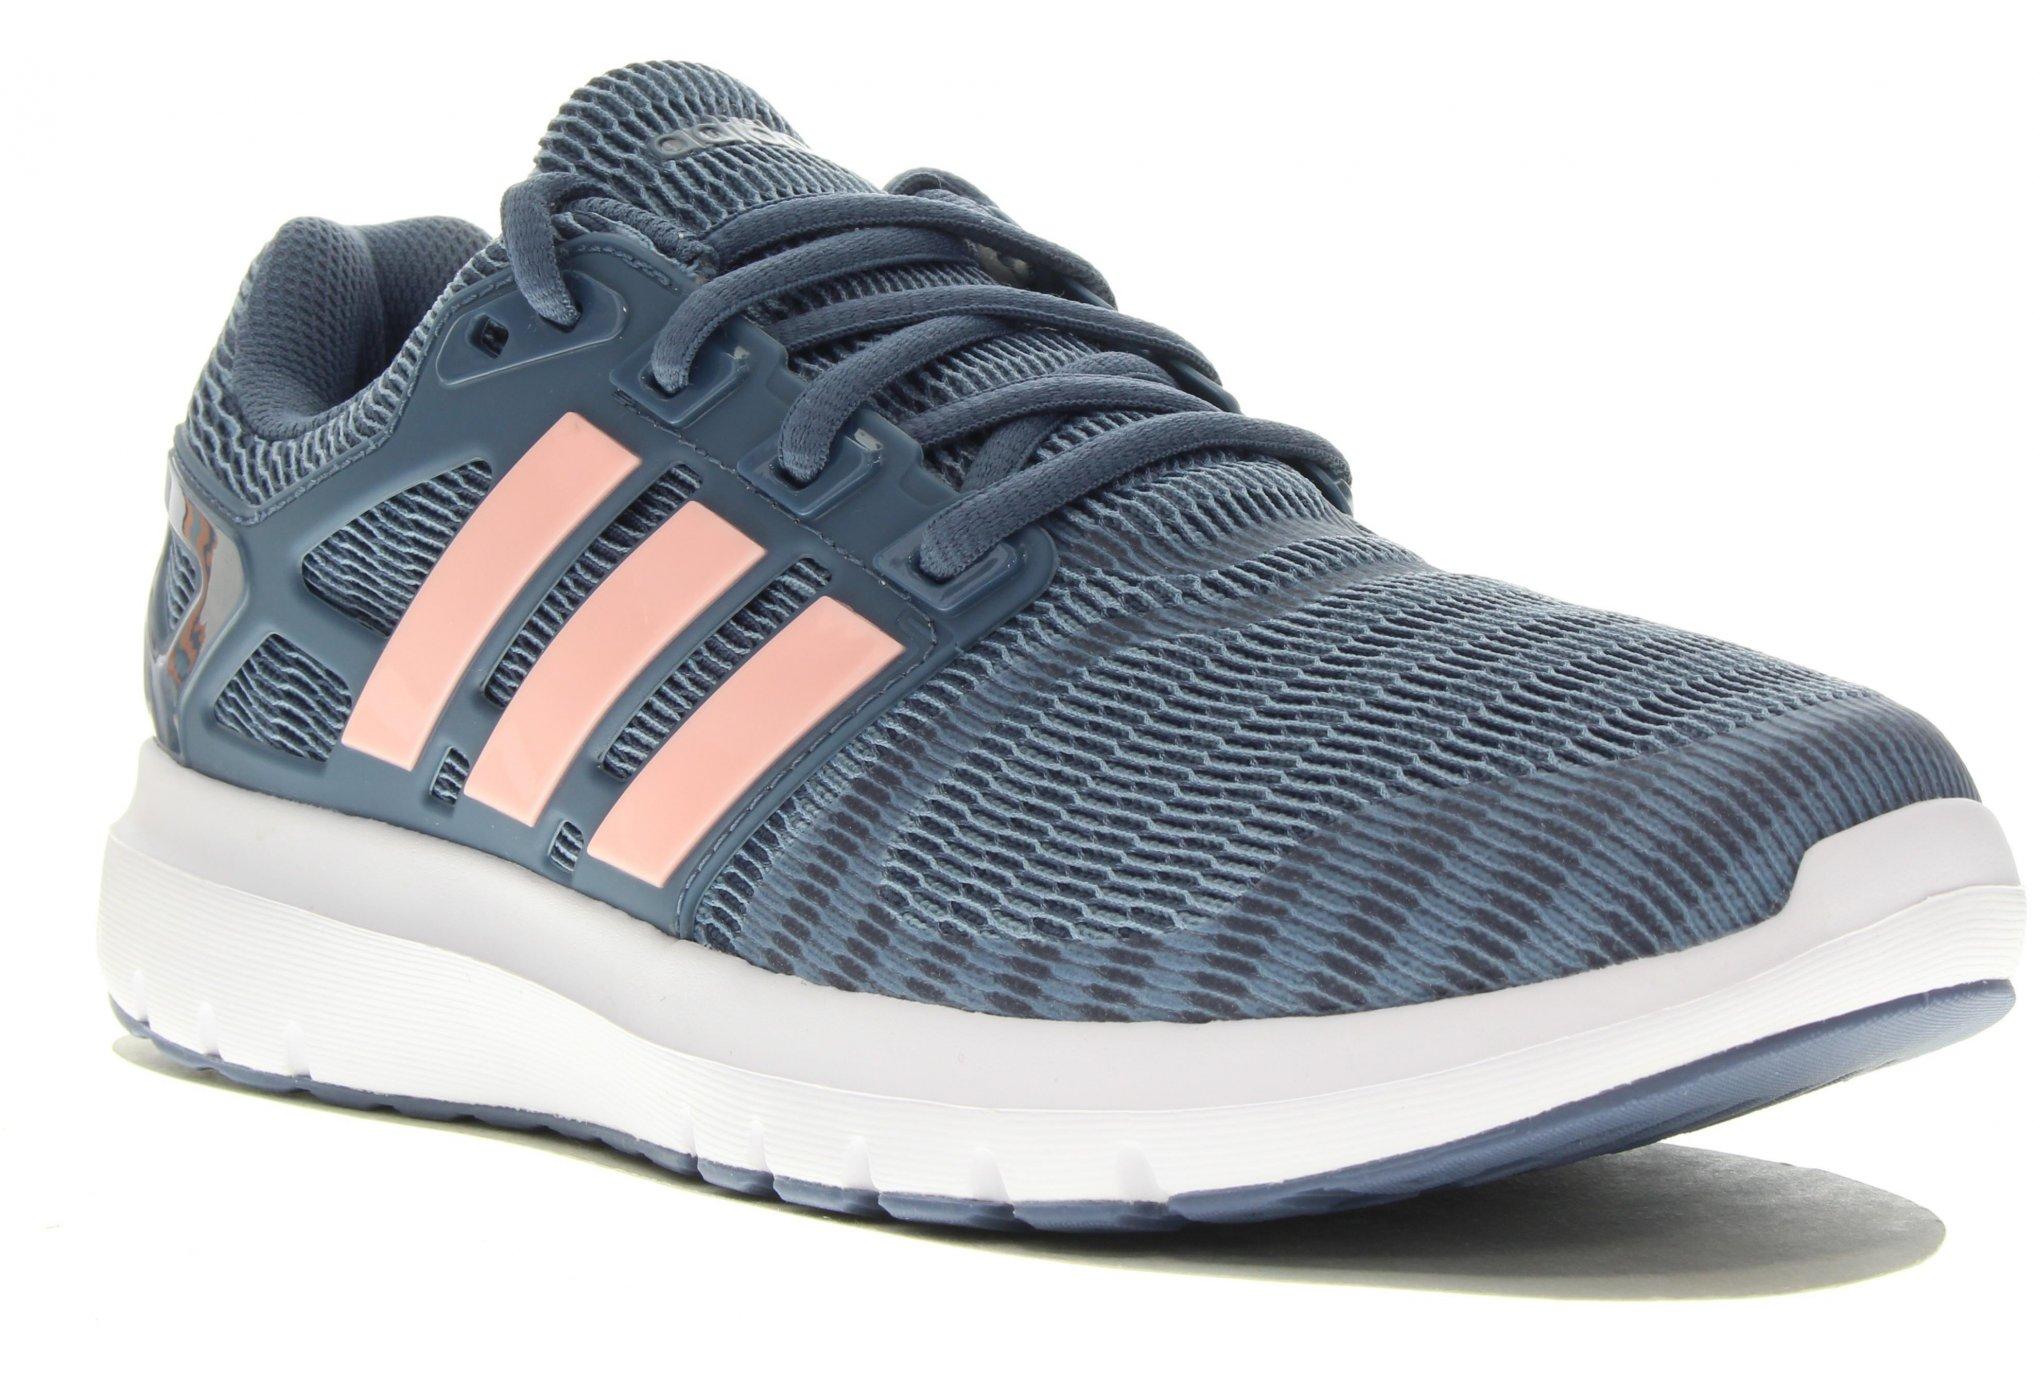 Adidas Energy cloud v w diététique chaussures femme